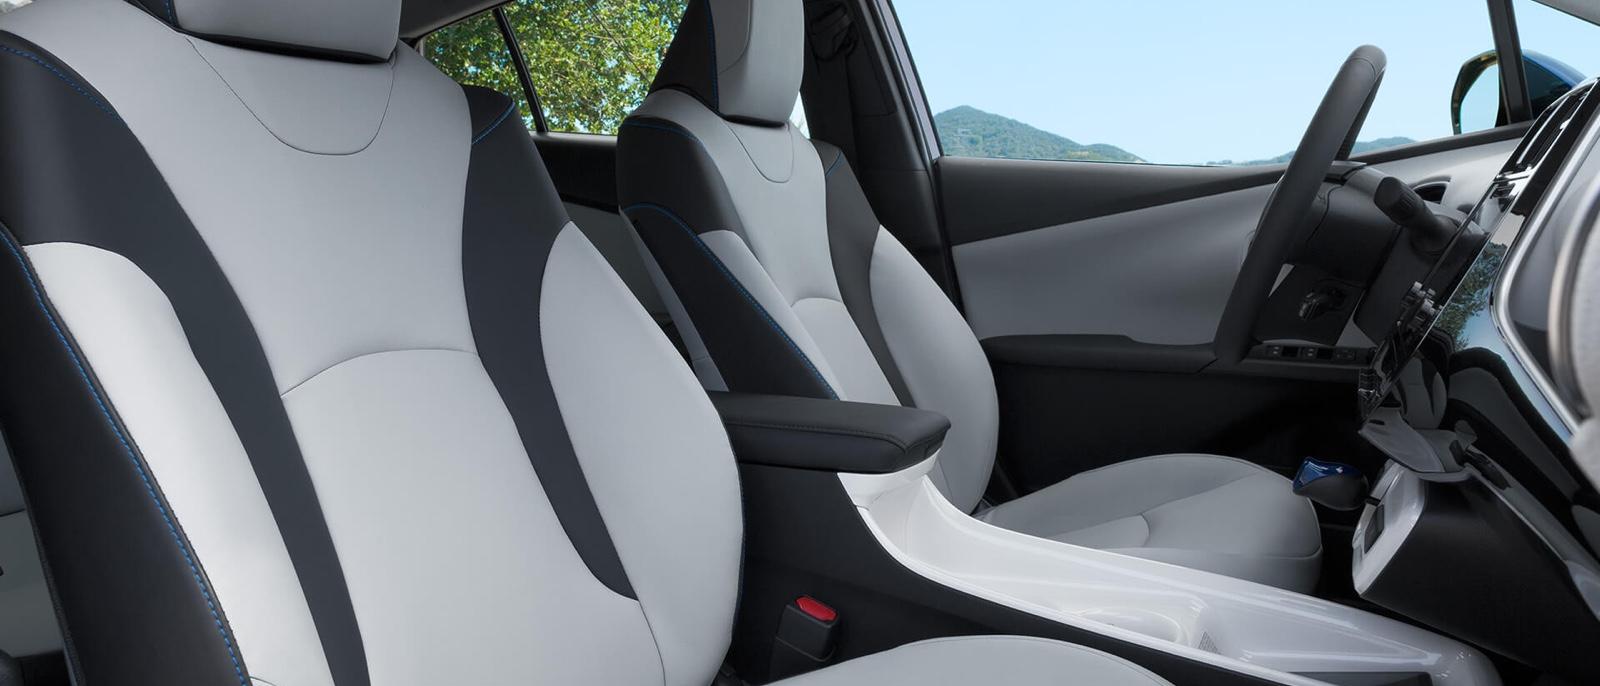 2016 Toyota Prius interior seating